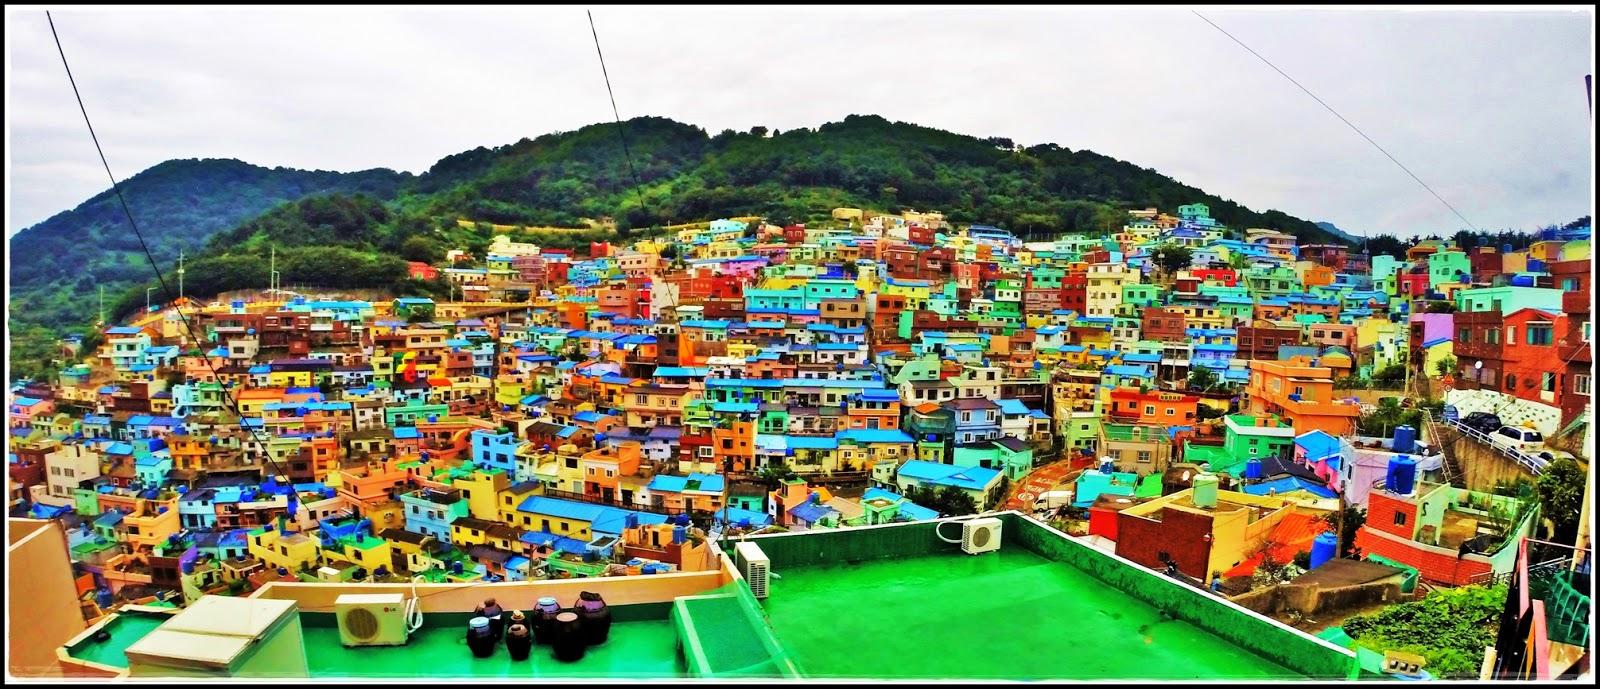 2014 - Busan